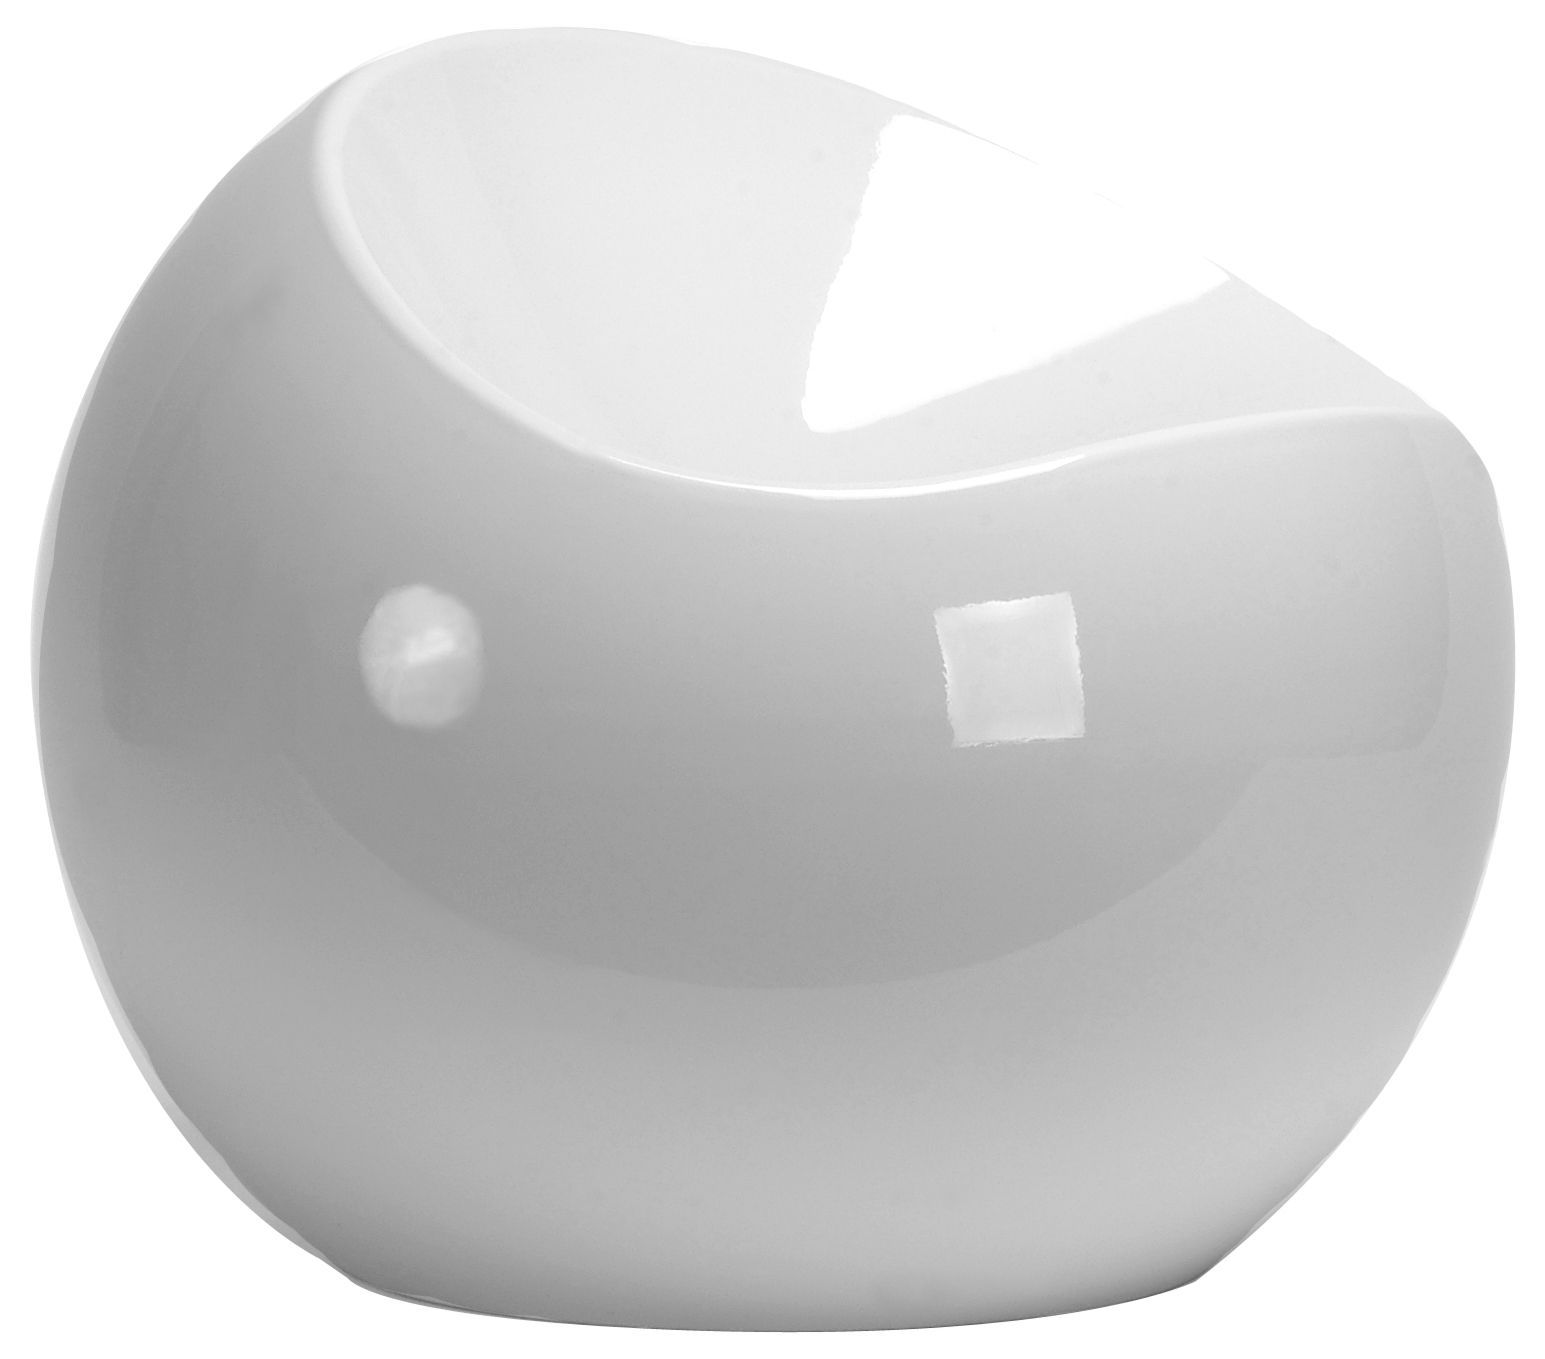 Arredamento - Mobili Ados  - Pouf Ball Chair di XL Boom - Bianco - ABS laccato